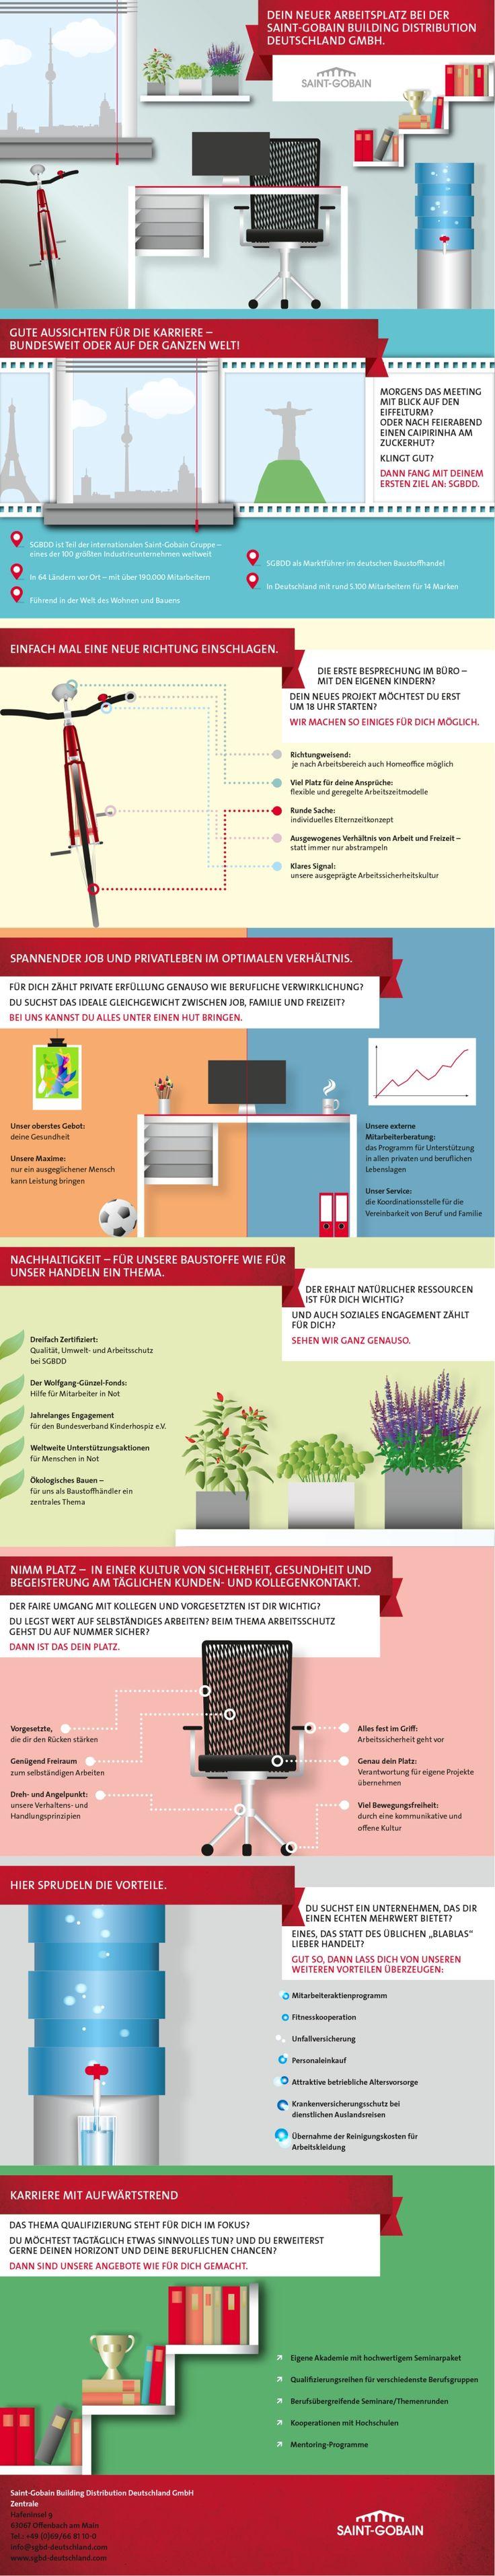 #Infografik zur #Karriere und #Selbstverwirklichung im #Konzern. Top #Berufschancen und #Vereinbarkeit von #Beruf und Familie, deutschlandweit oder international bei der #SGBD Deutschland, #SGBDD, #Saint-Gobain Building Distribution